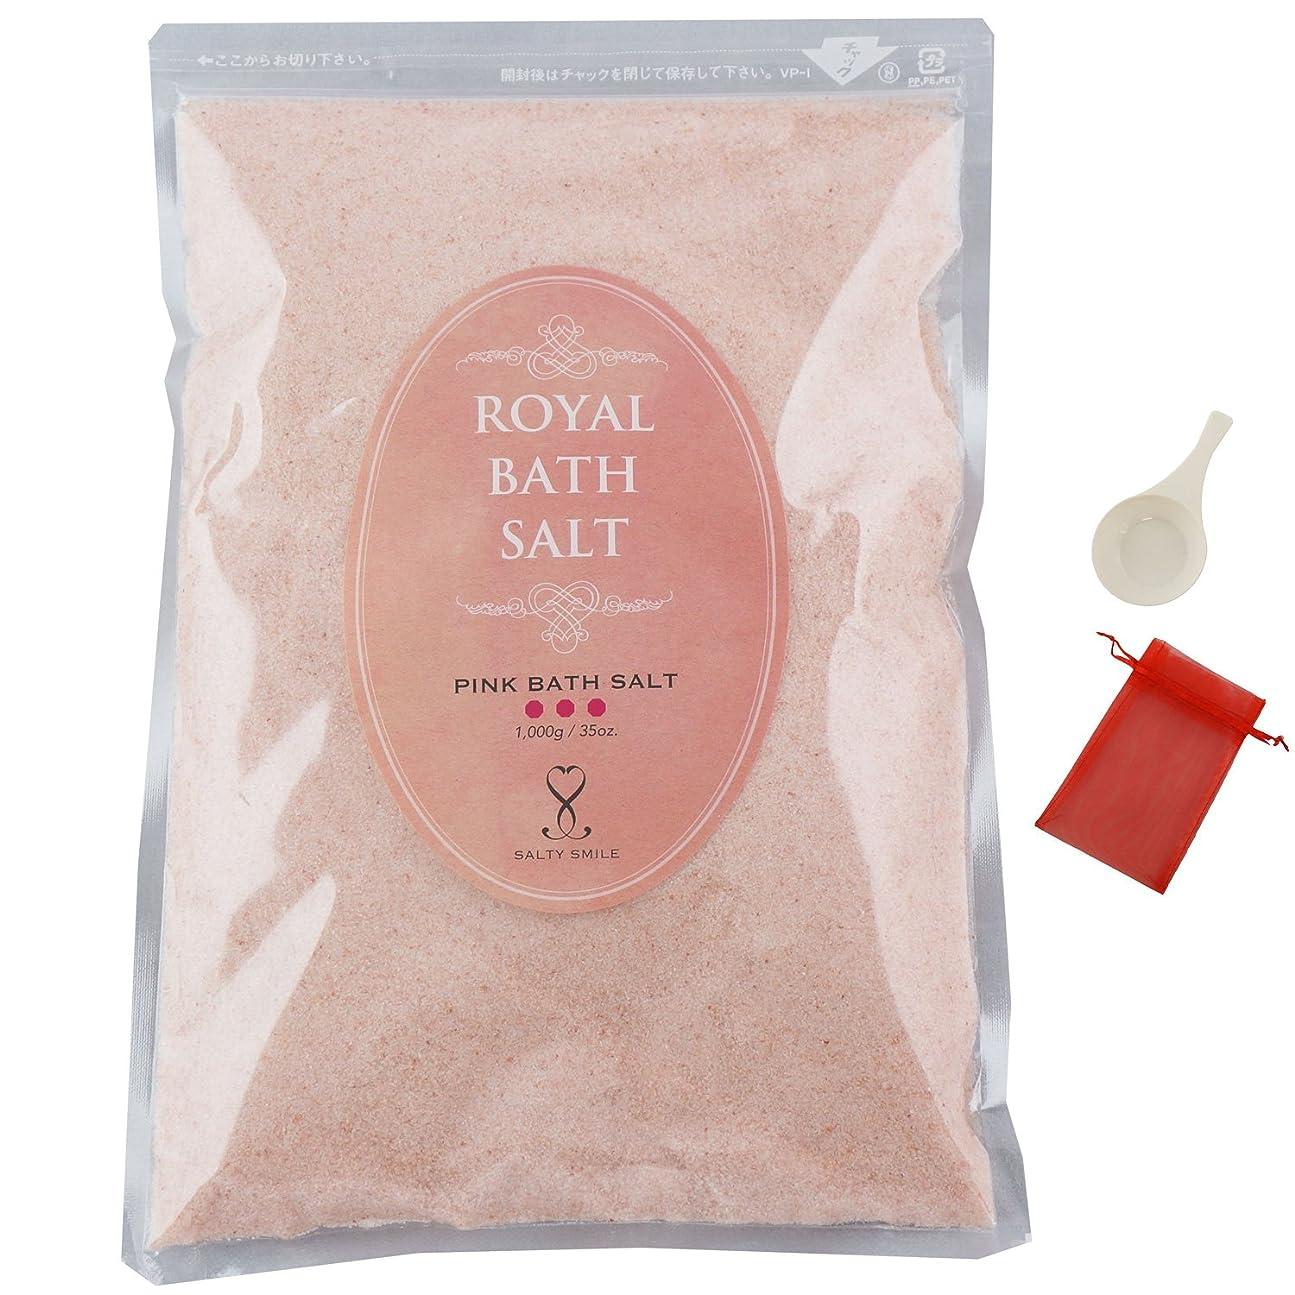 レシピ周り規制するロイヤルバスソルト ピンクパウダー 岩塩 ROYAL BATH SALT (1,000g【1㎏】)